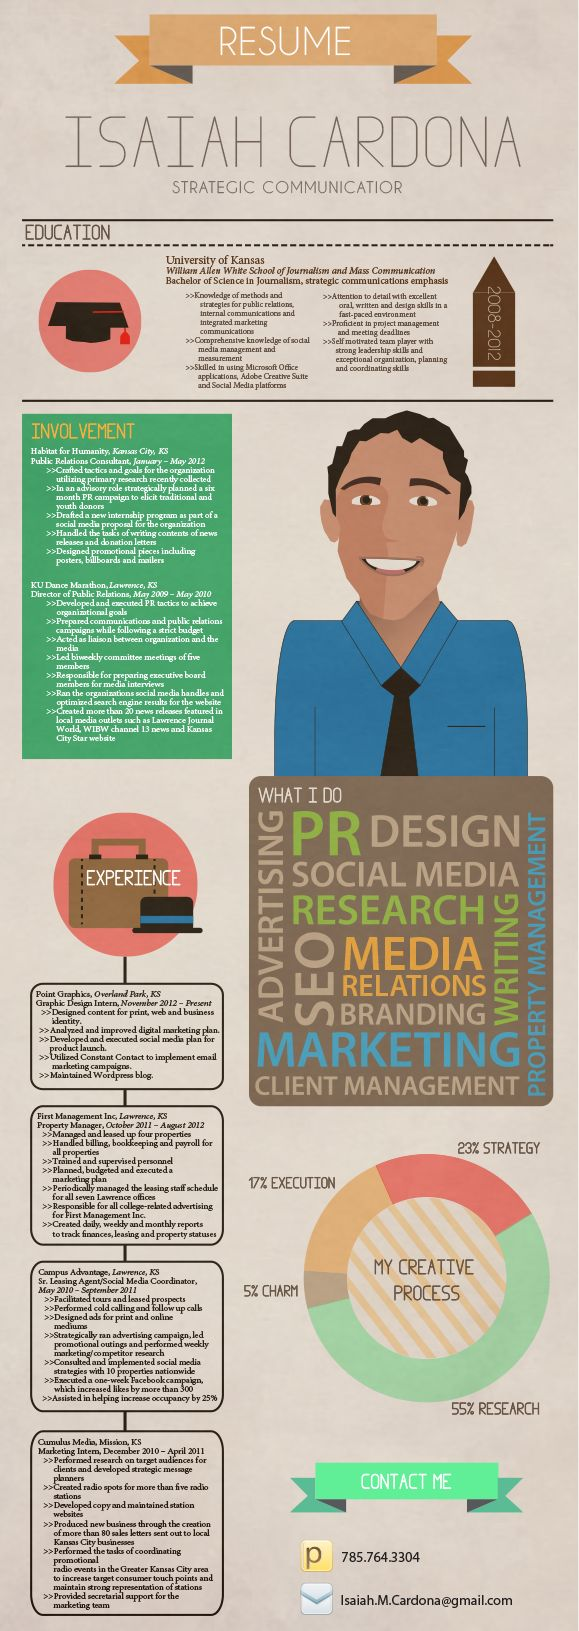 Awesome Resume idea #publicrelationsresume #publicrelationsideas